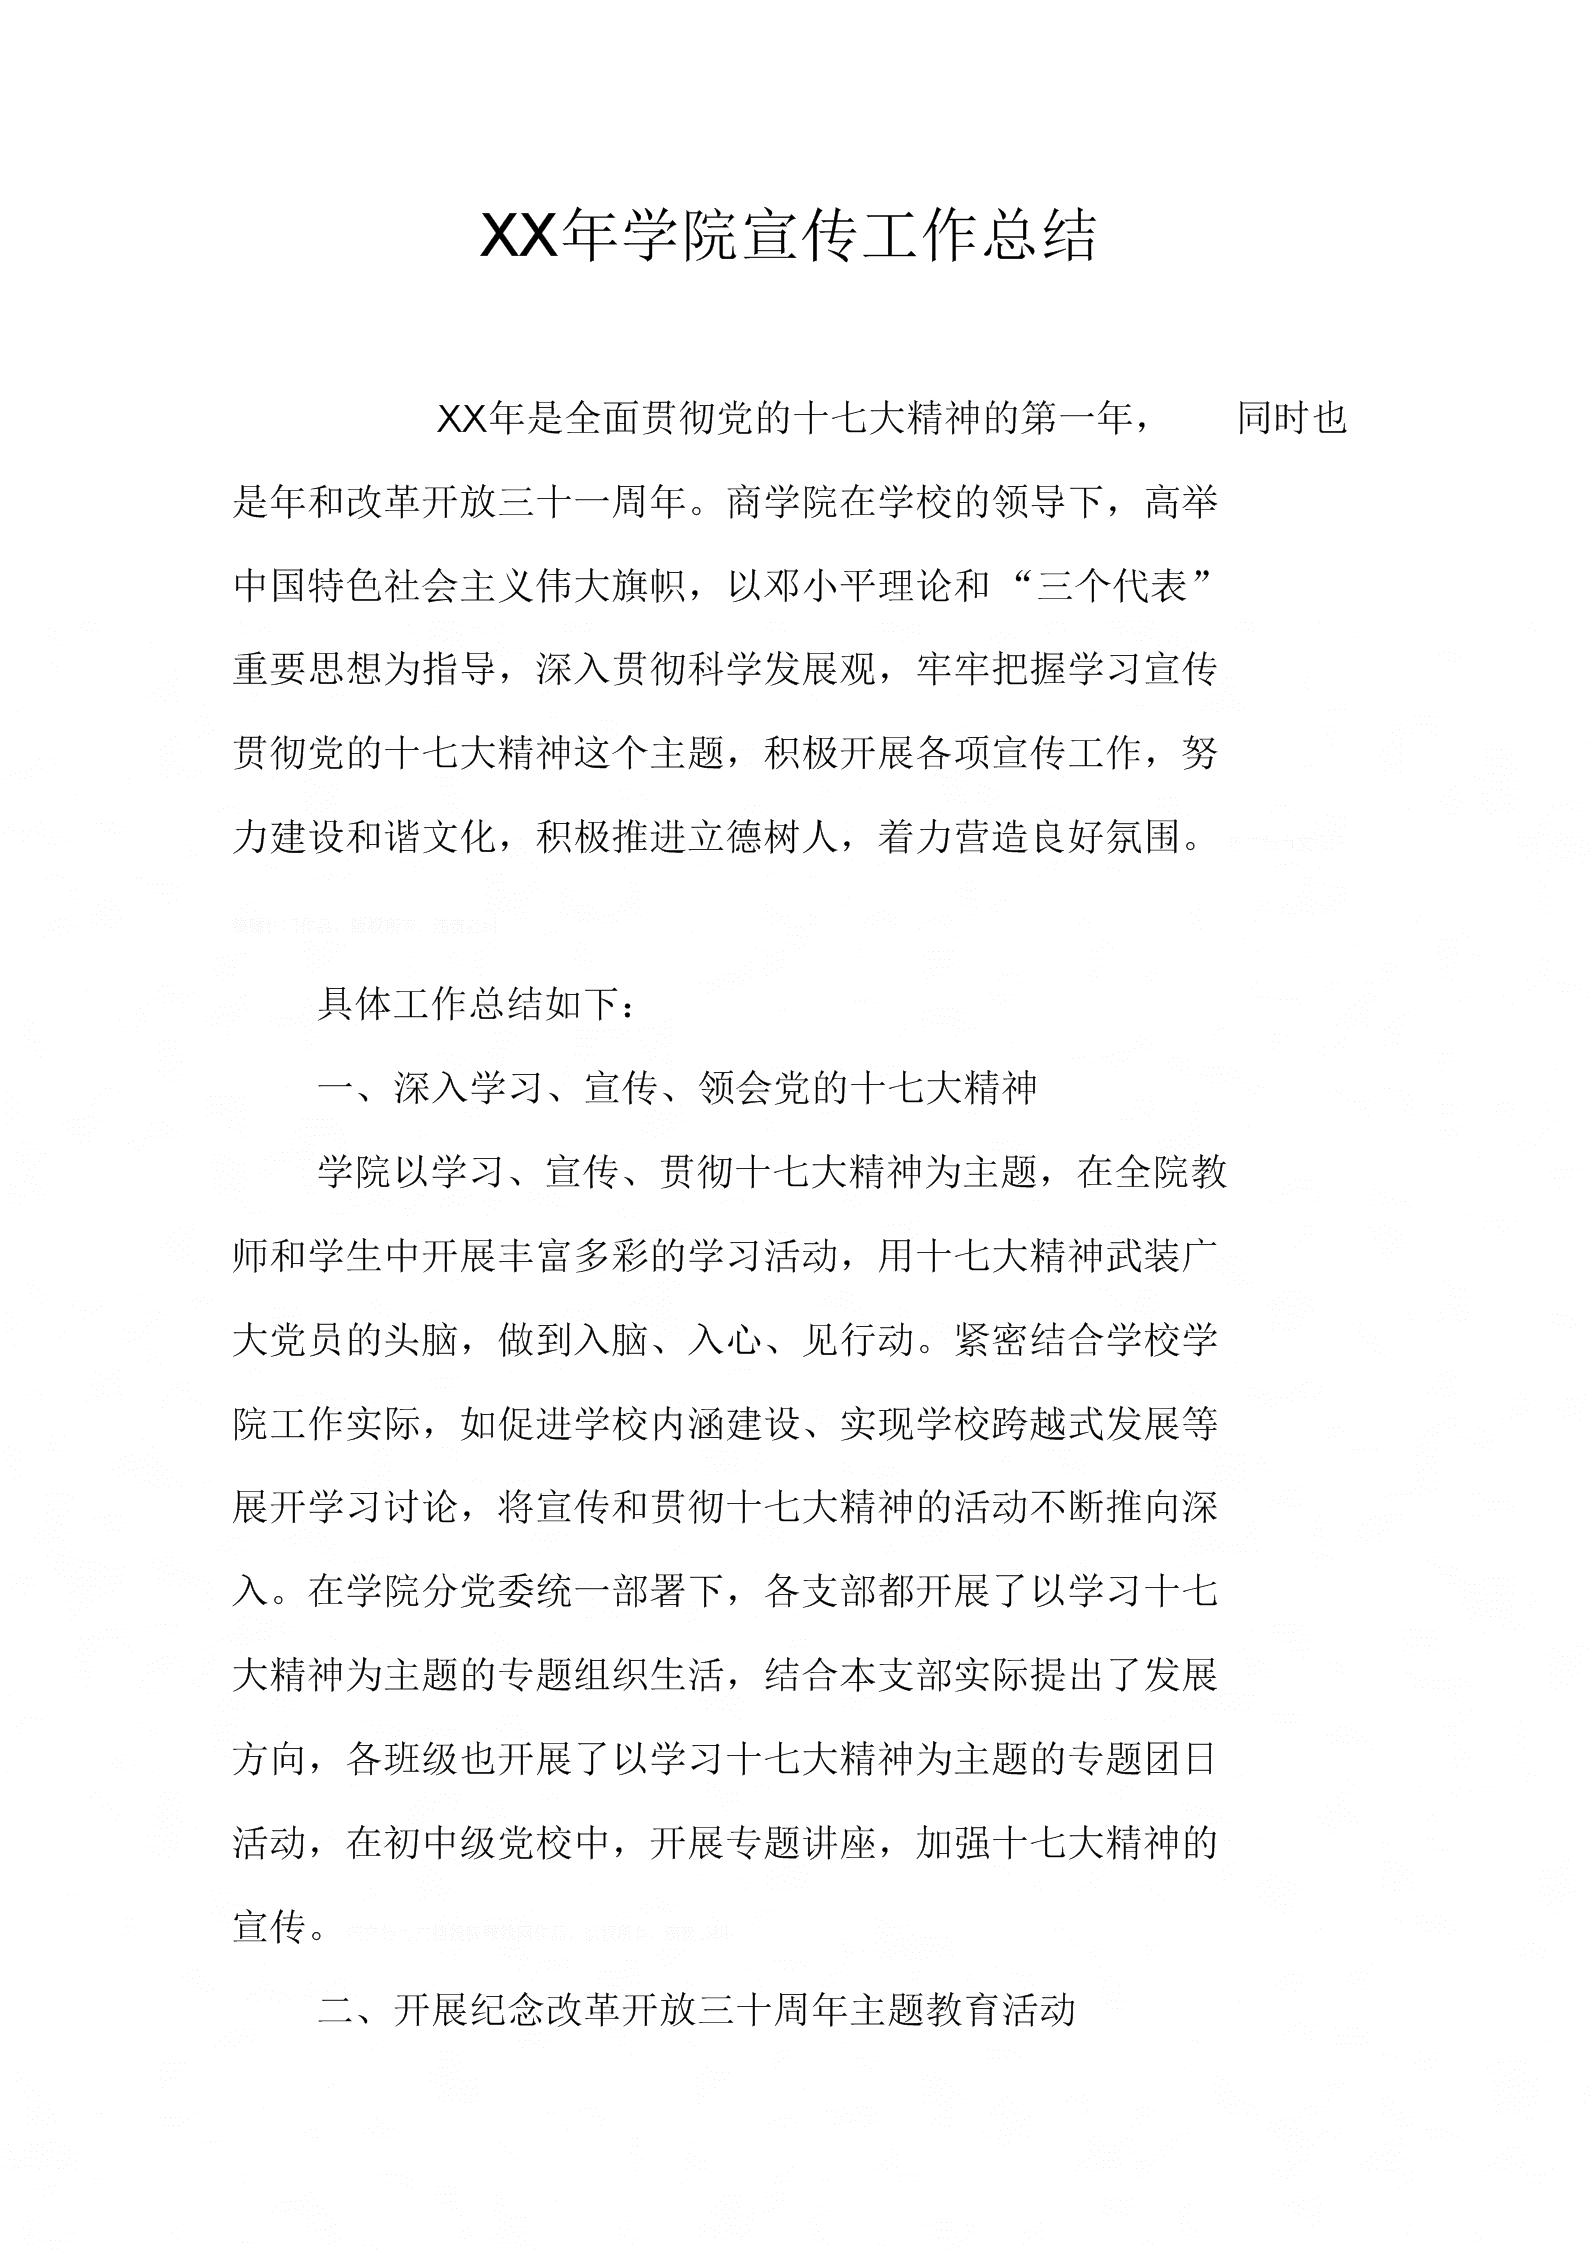 学院宣传工作总结.docx